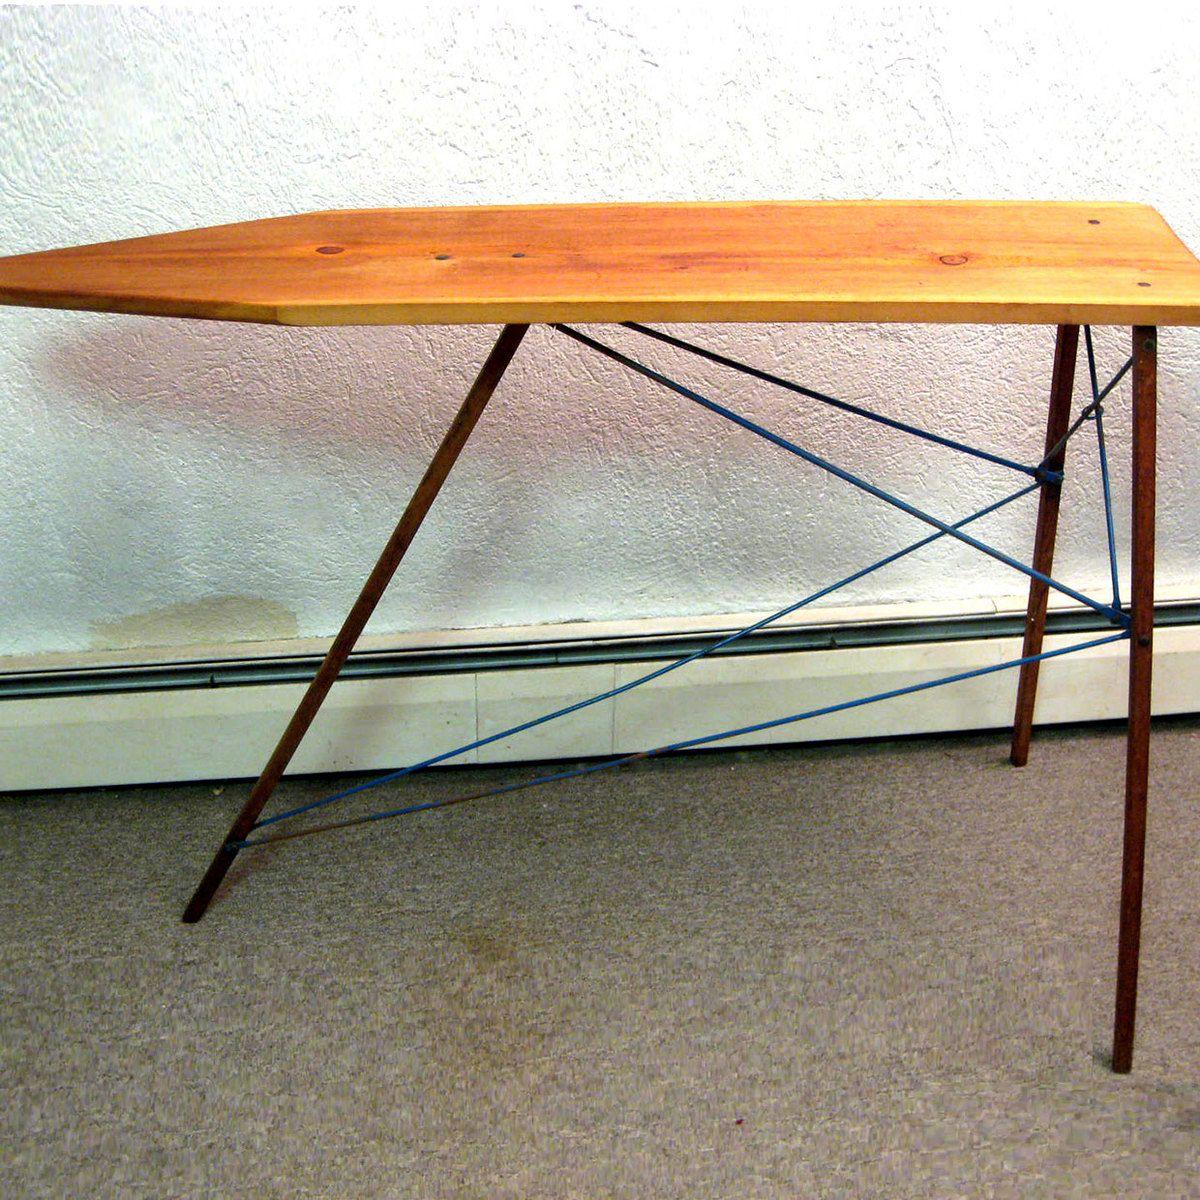 Senco Ironing Board $62